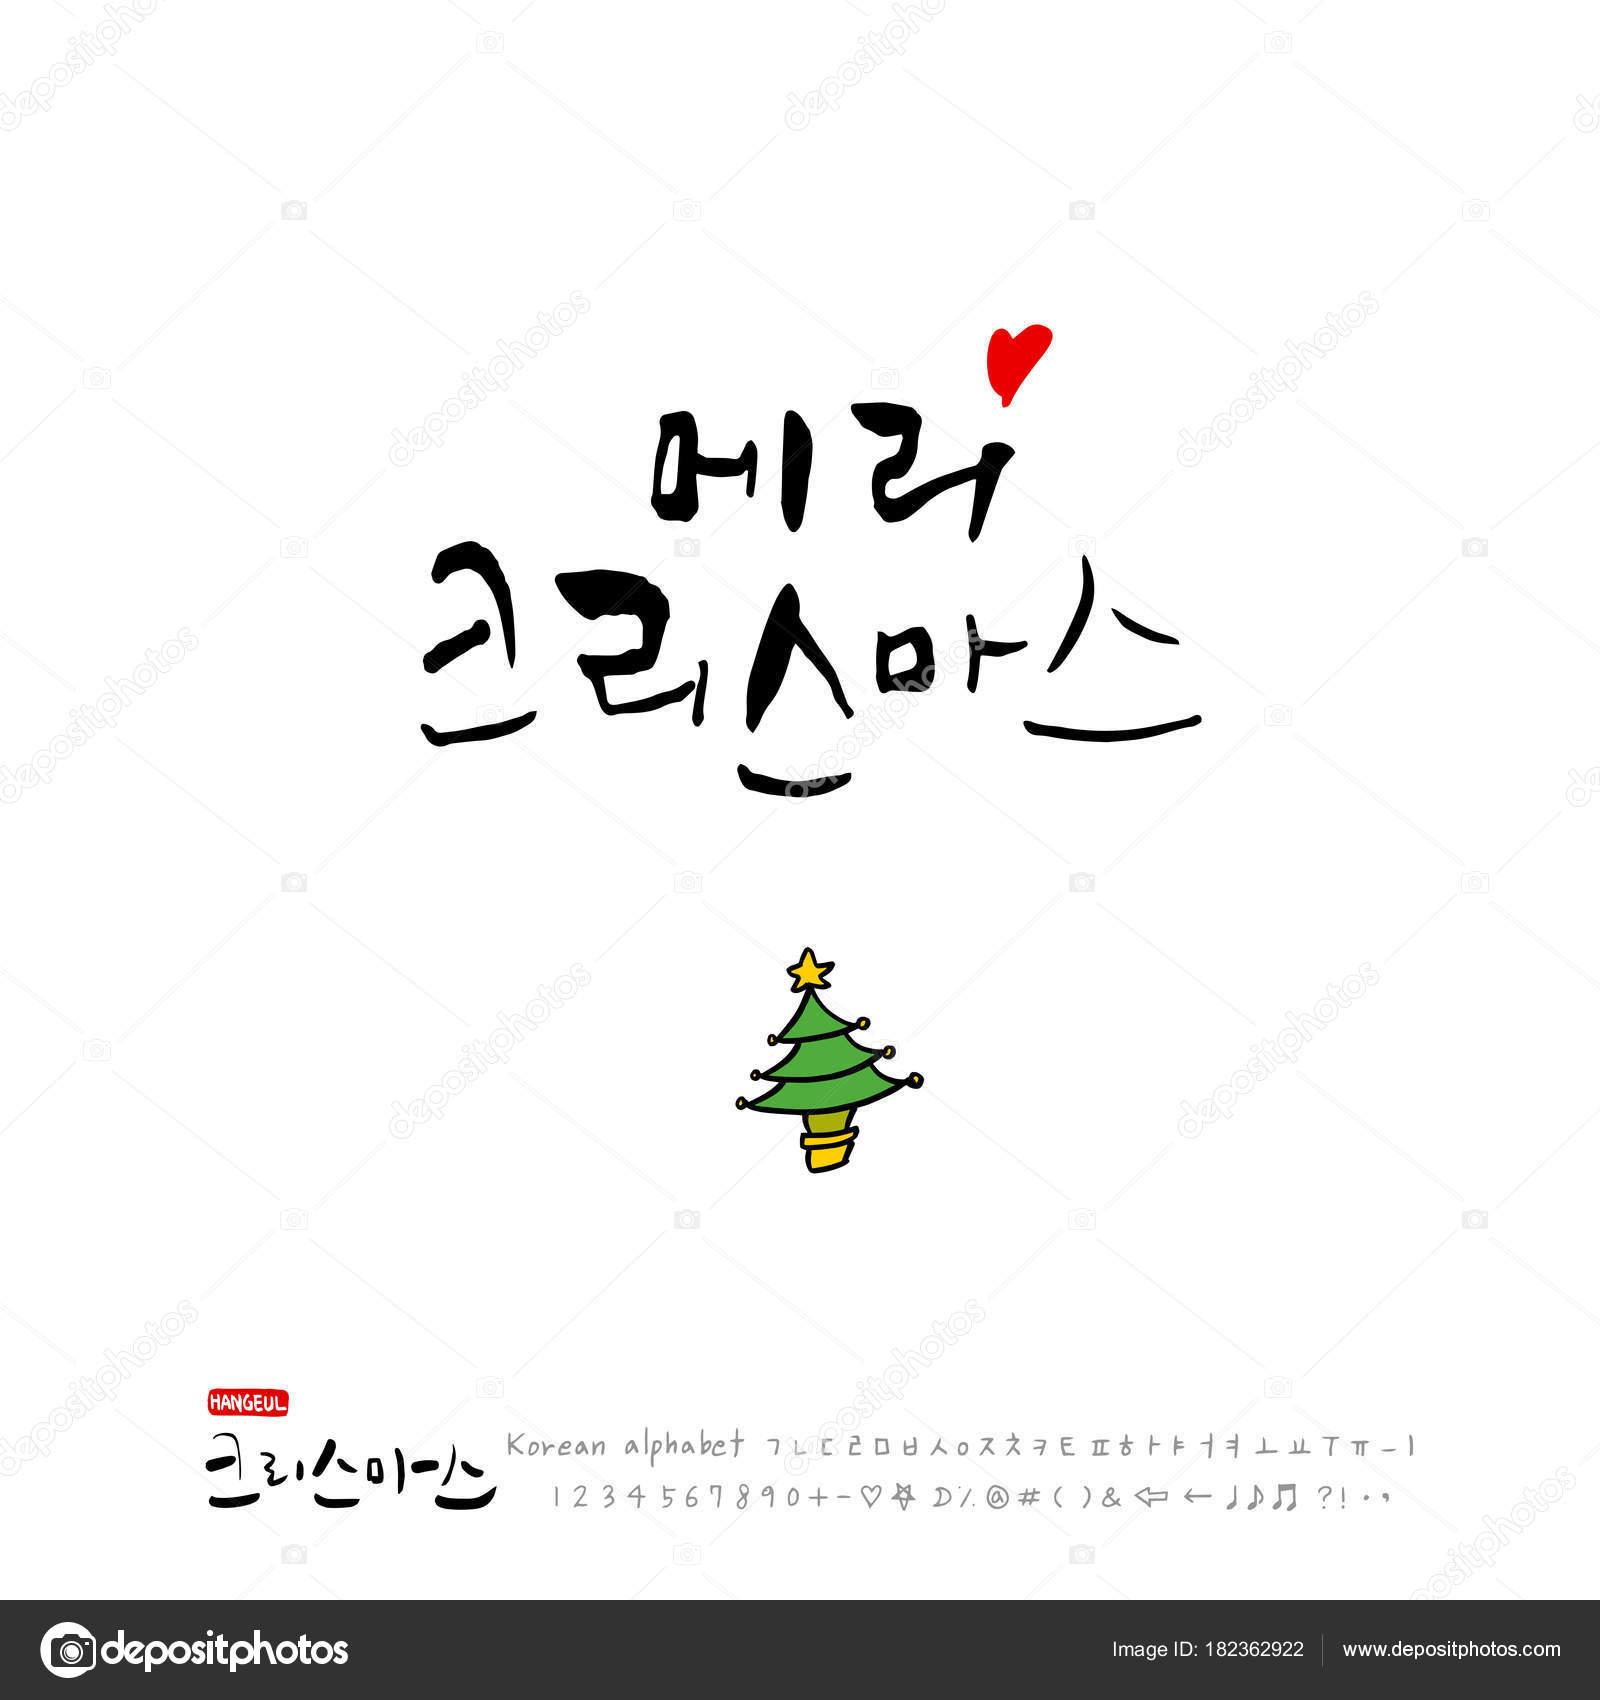 Koreanisch Frohe Weihnachten.Koreanische Kalligraphie Handgeschrieben Weihnachten Gruss